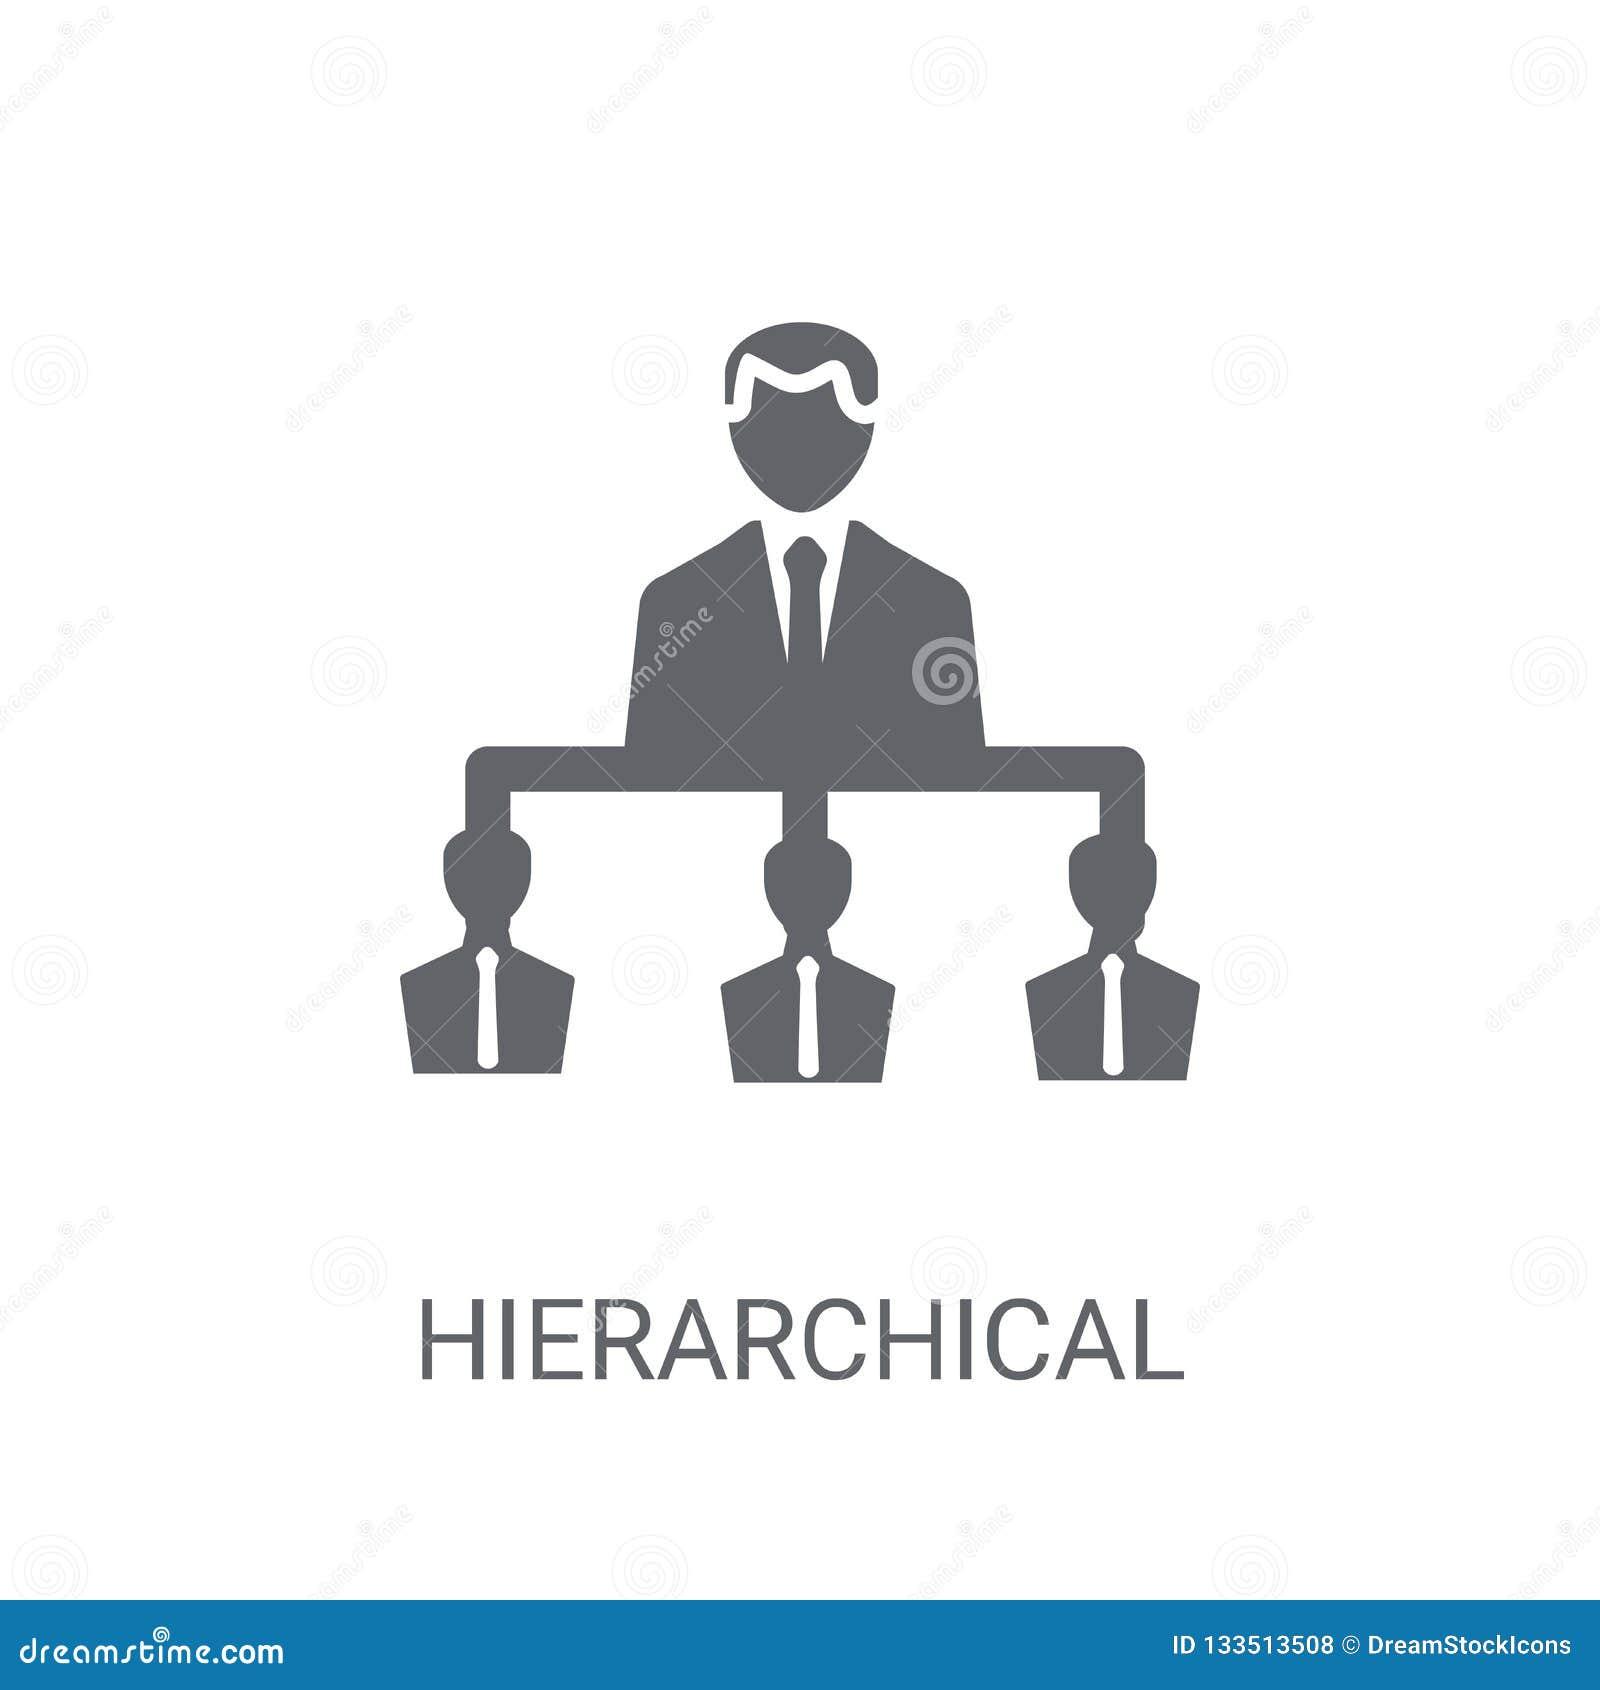 Icono de la estructura jerárquica Logotipo de moda de la estructura jerárquica